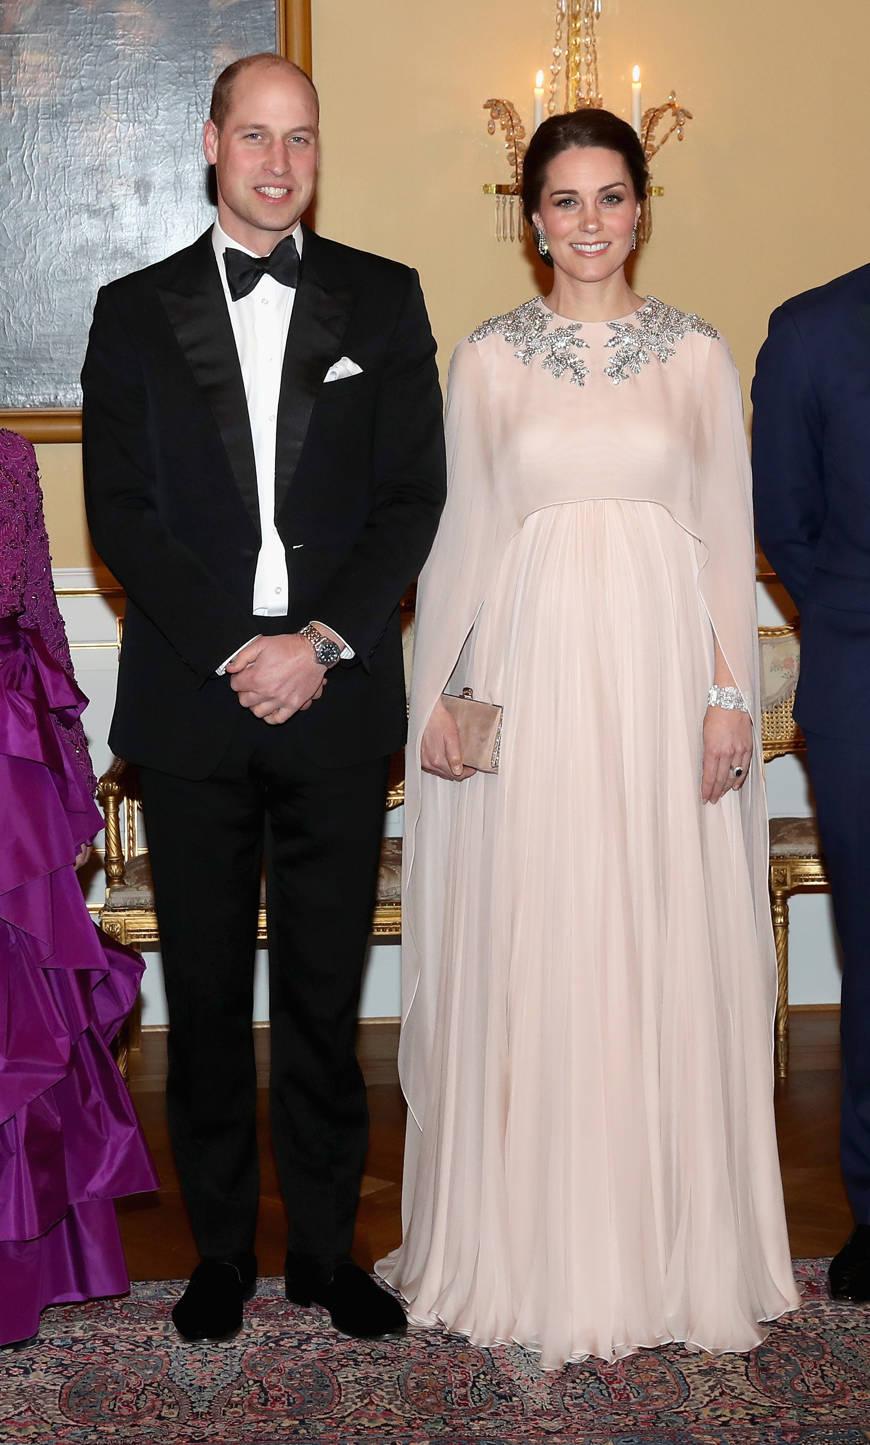 Duchess of Cambridge in Alexander McQueen